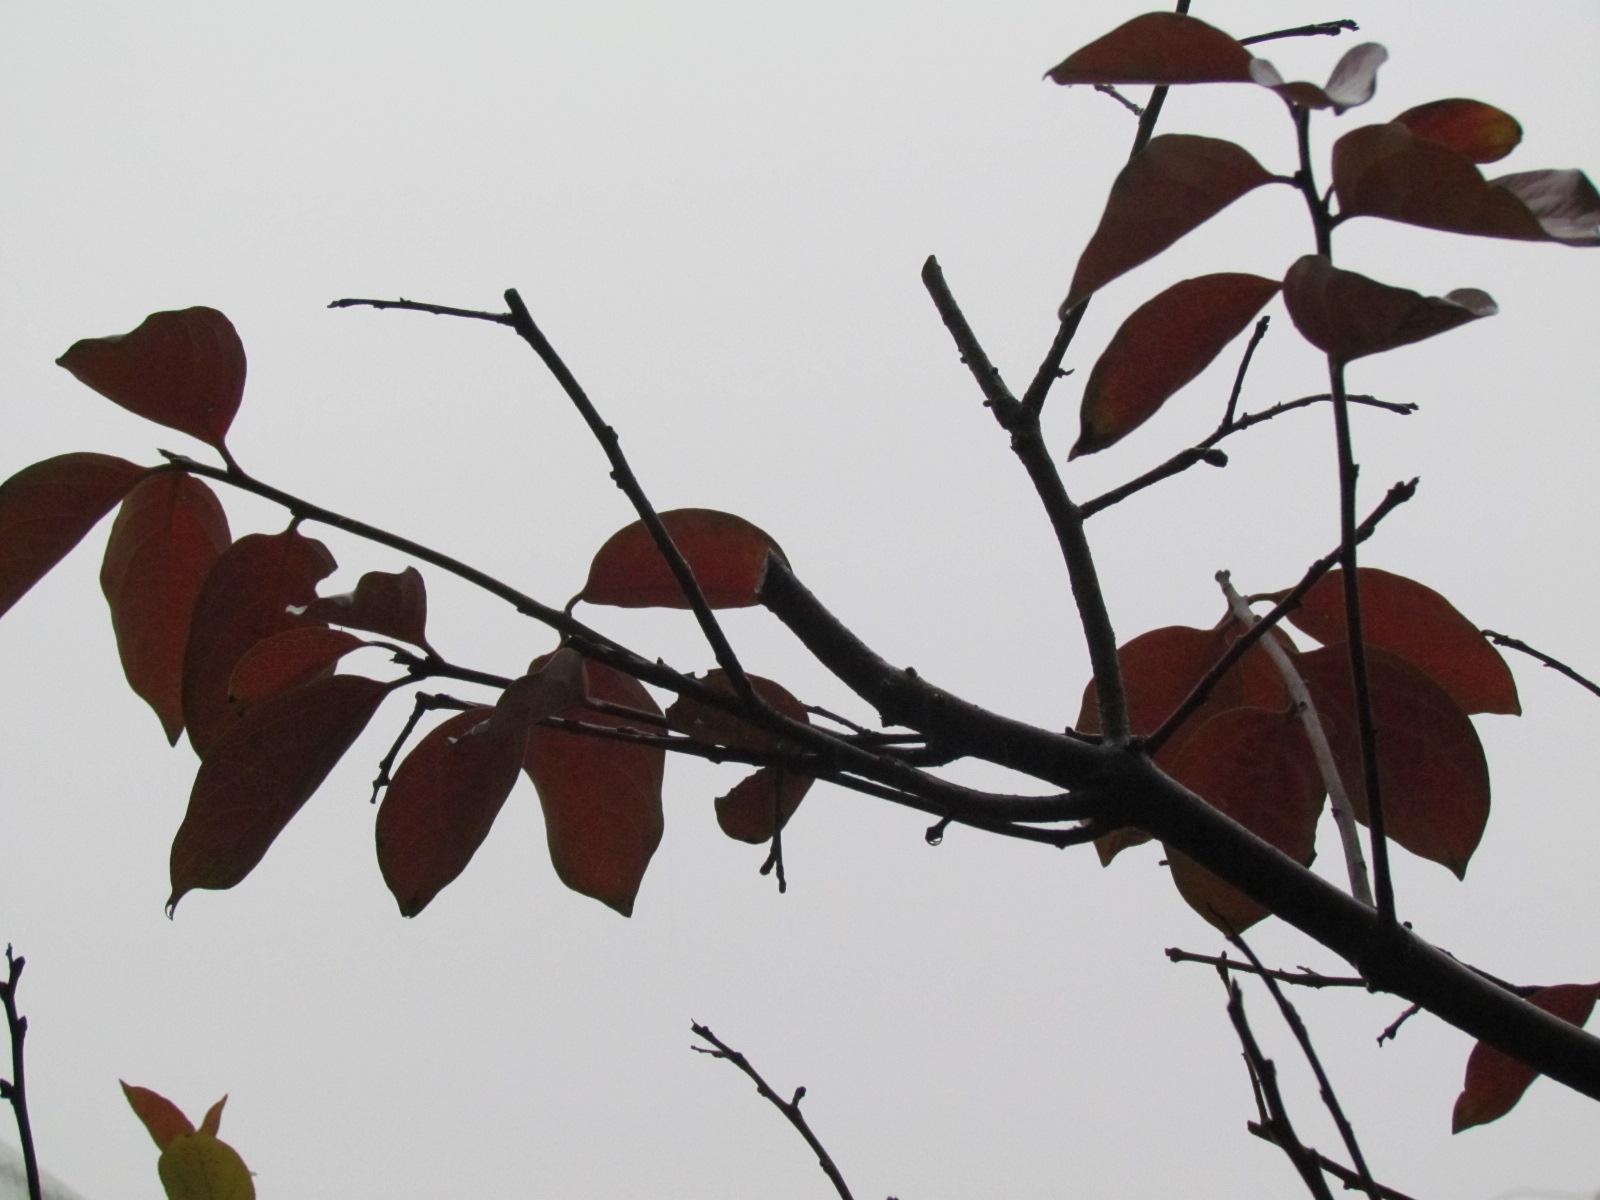 翻看电脑里以前的存照,竟然还有那么多花花草草的风姿绰约。有今春冰雪未融时已开始萌动的牡丹幼芽的一张特写,倔强地将那一点微红带绿的小花萼傲然擎起;有开了满树的小紫荆花,紫的耀眼,却没有一点绿色;有一个冬天没有落叶的月季花;有花蕊高出花瓣的粉红的海棠花安静地开在绿叶间;还记得当时给海棠花拍照时给先生说过:海棠花是最幸福的花。每在这个时候,先生总是以微笑和眼神代替问话,我说:因为海棠花一直开在绿叶里。柿树发芽晚,只照了几张干干的枝条,让我多了许多的盼望和等待。看到这么多照片,我心花怒放了,我竟然为院子里的